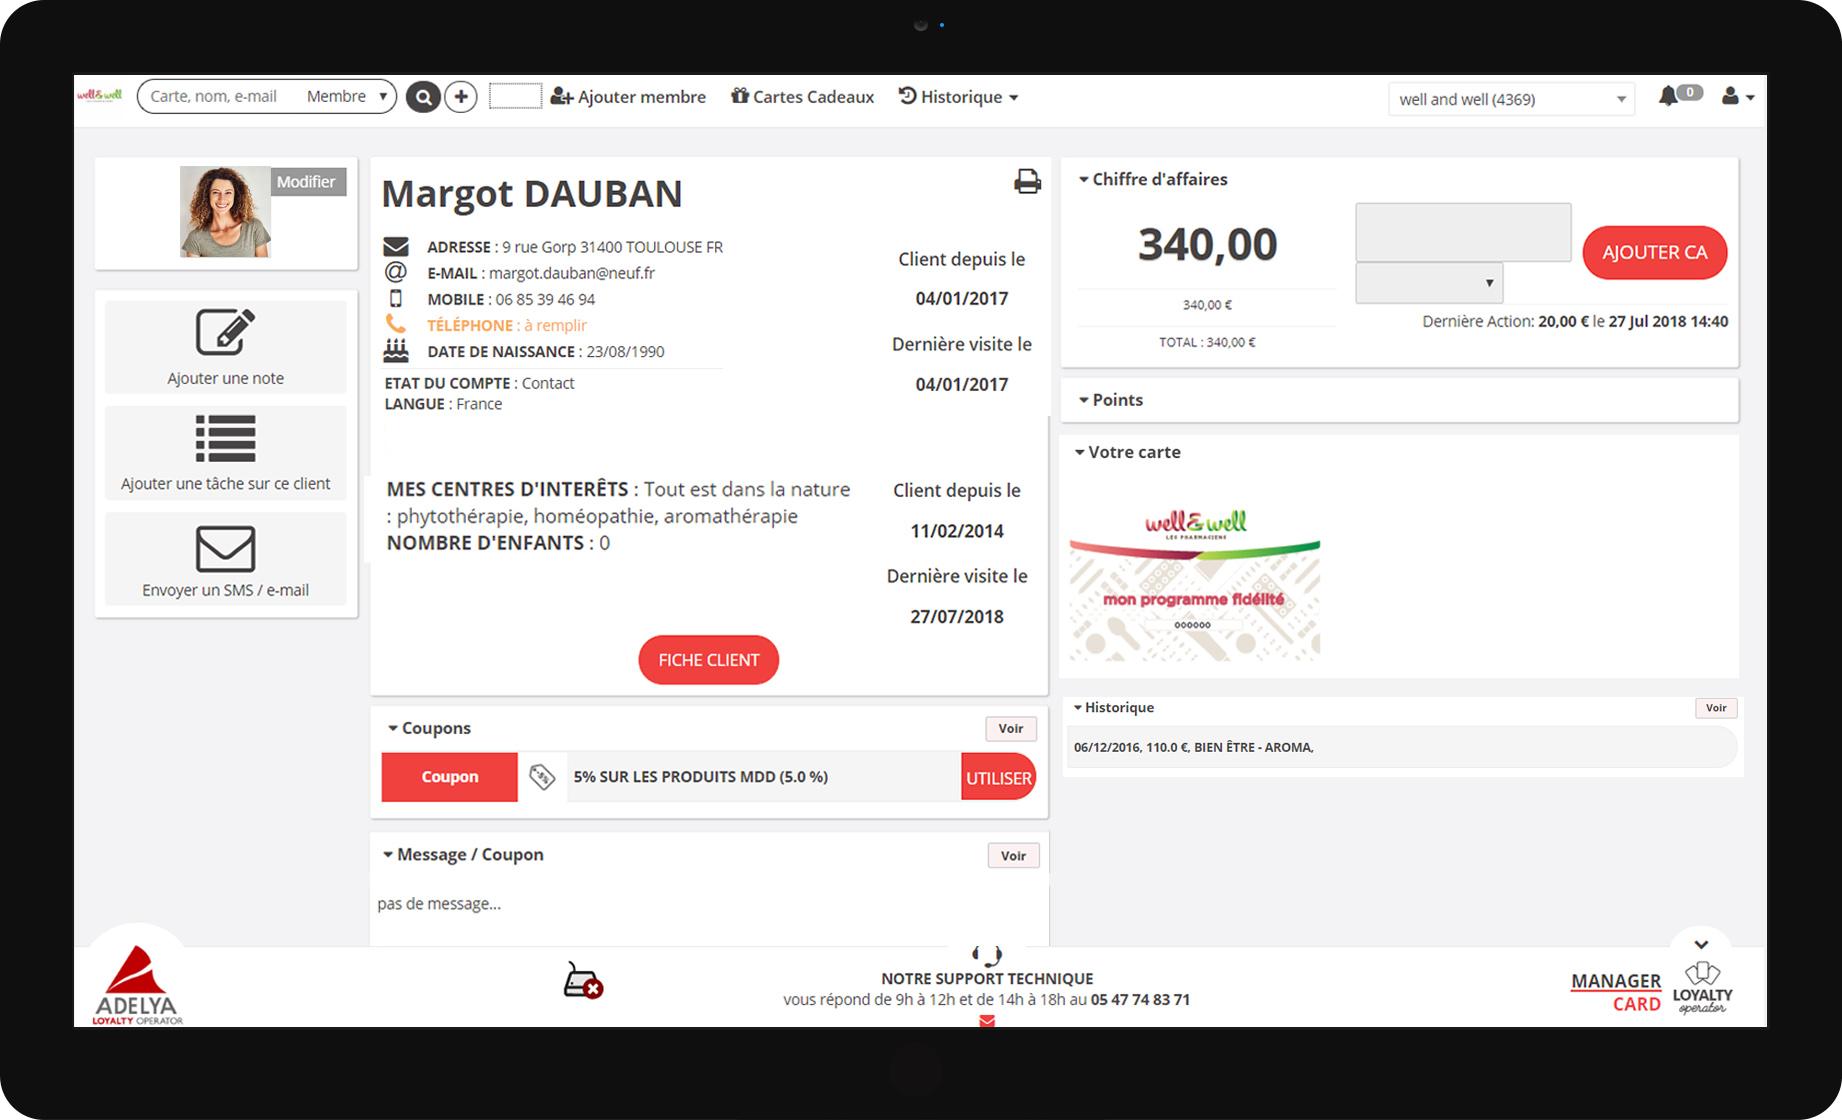 L'interface de clienteling pour les pharmacies permet un accueil personnalisé du client